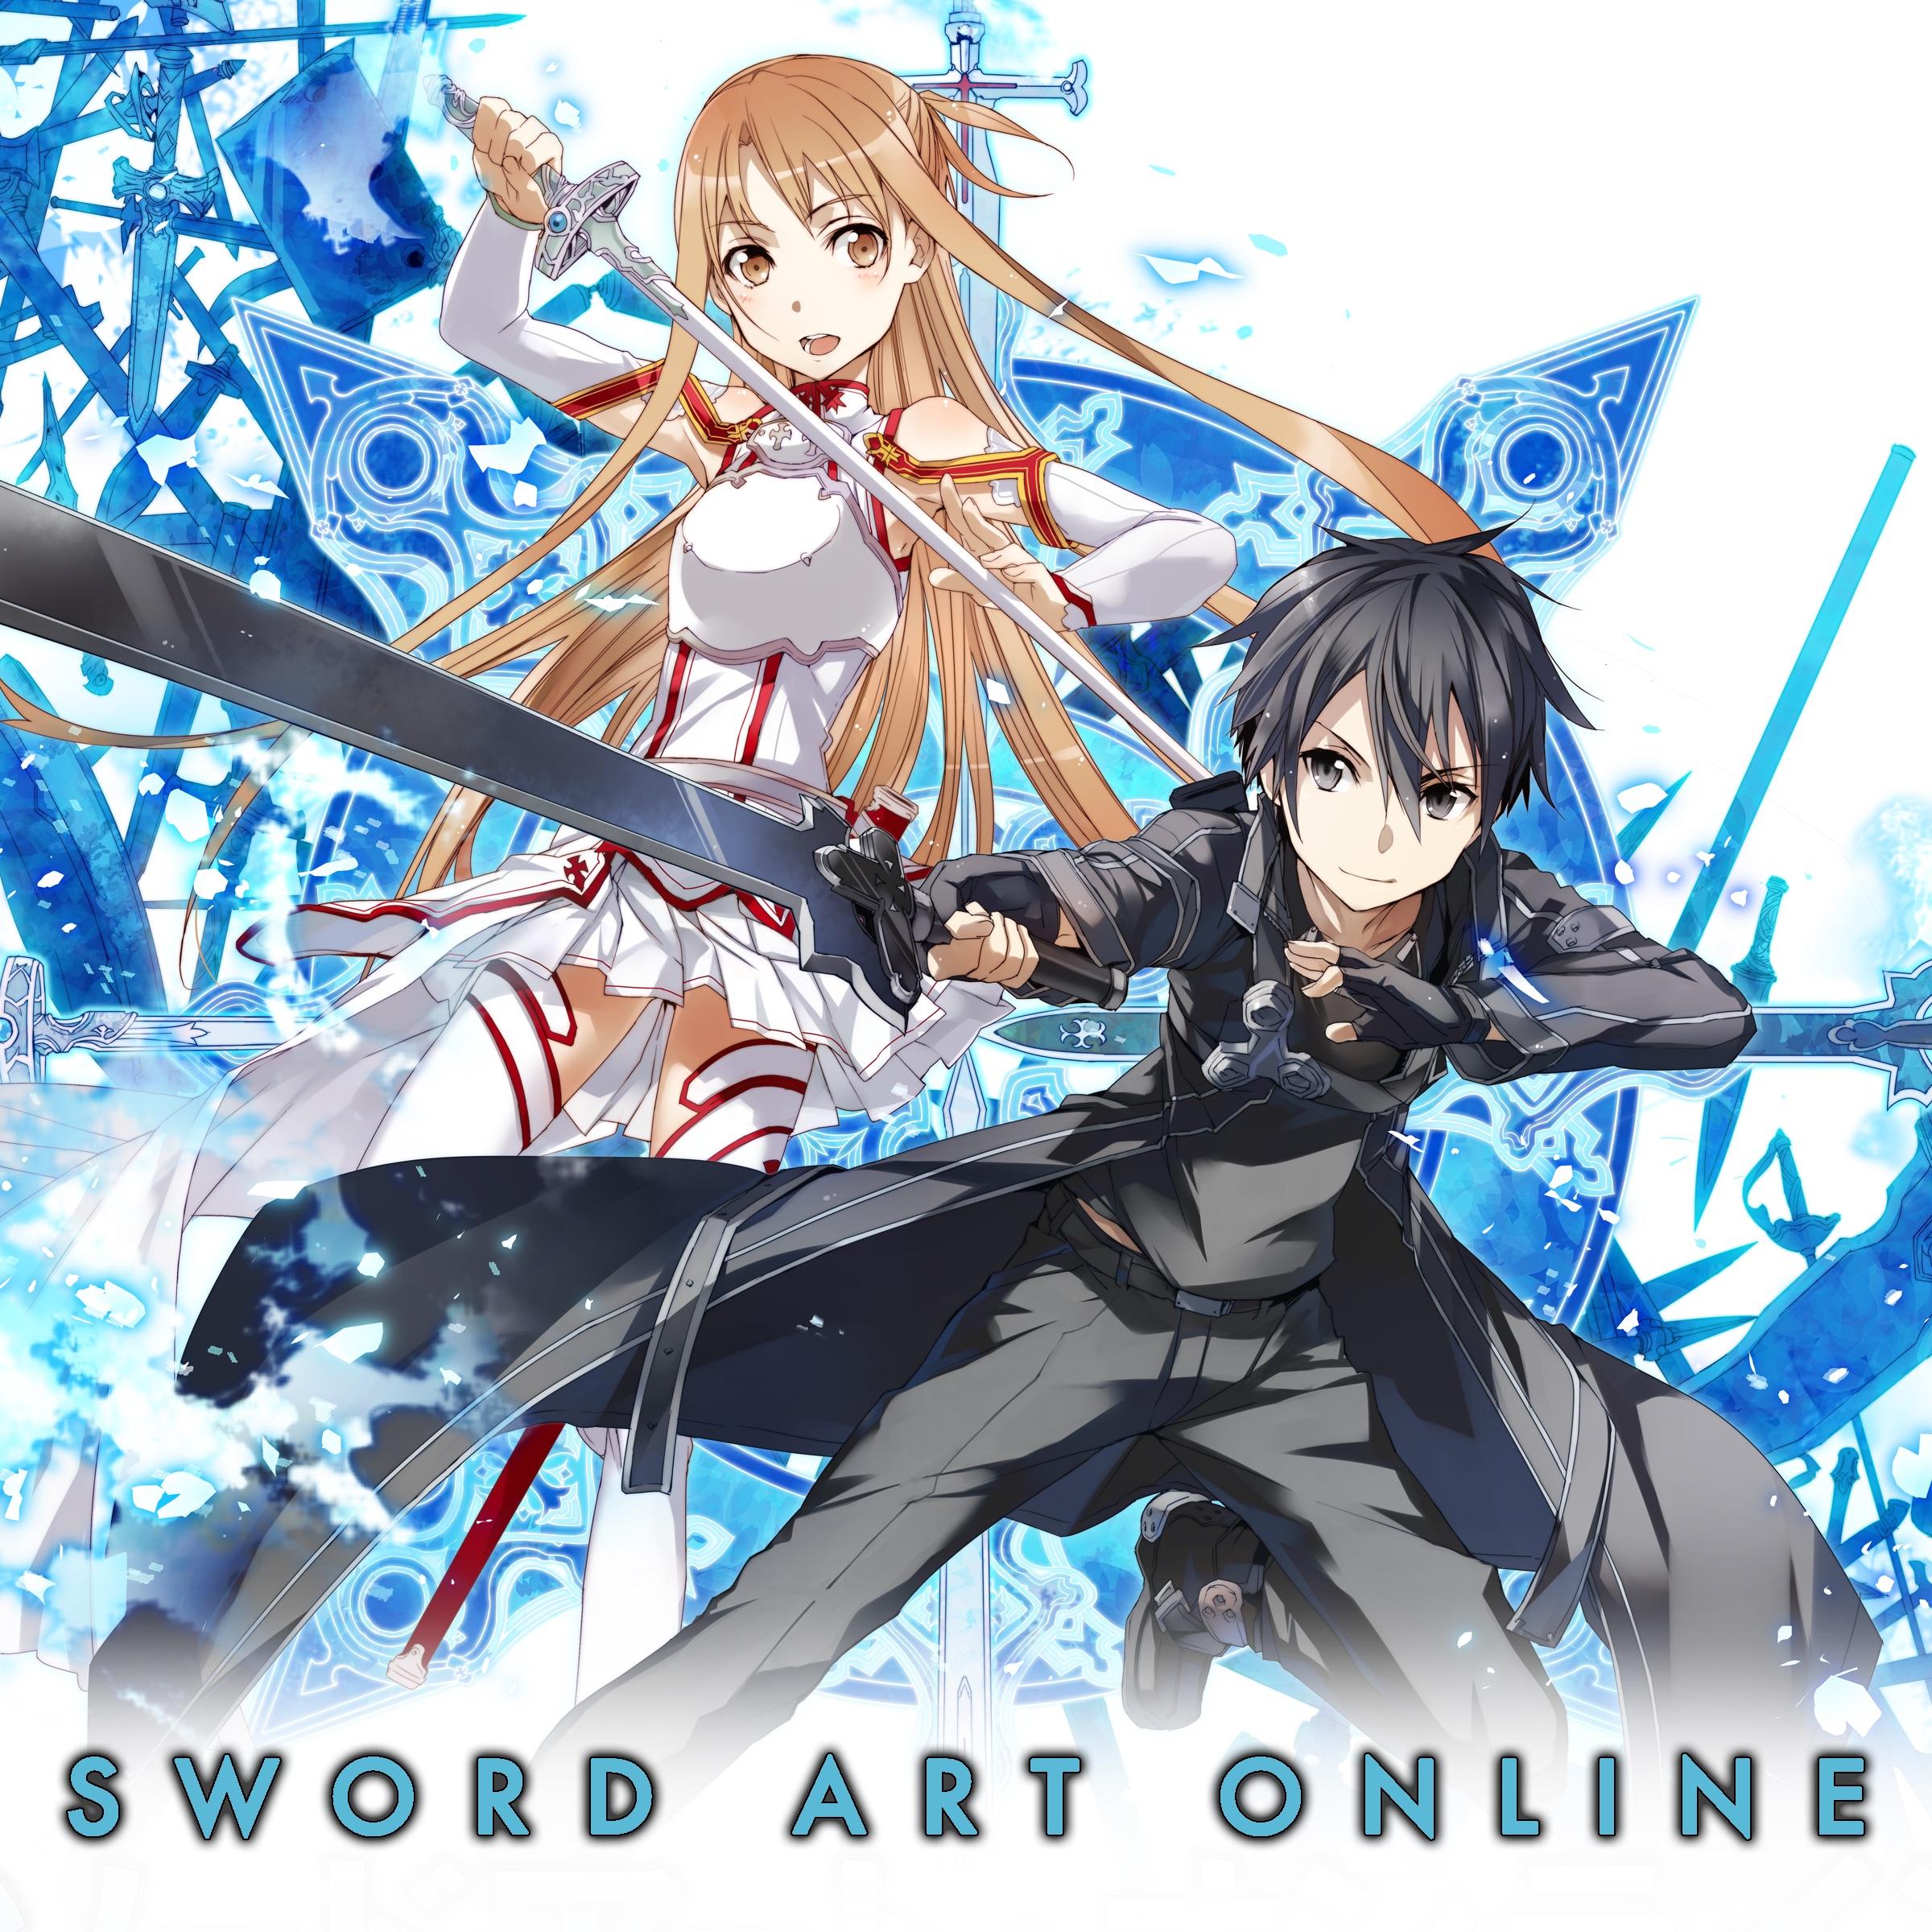 Sword Of Online